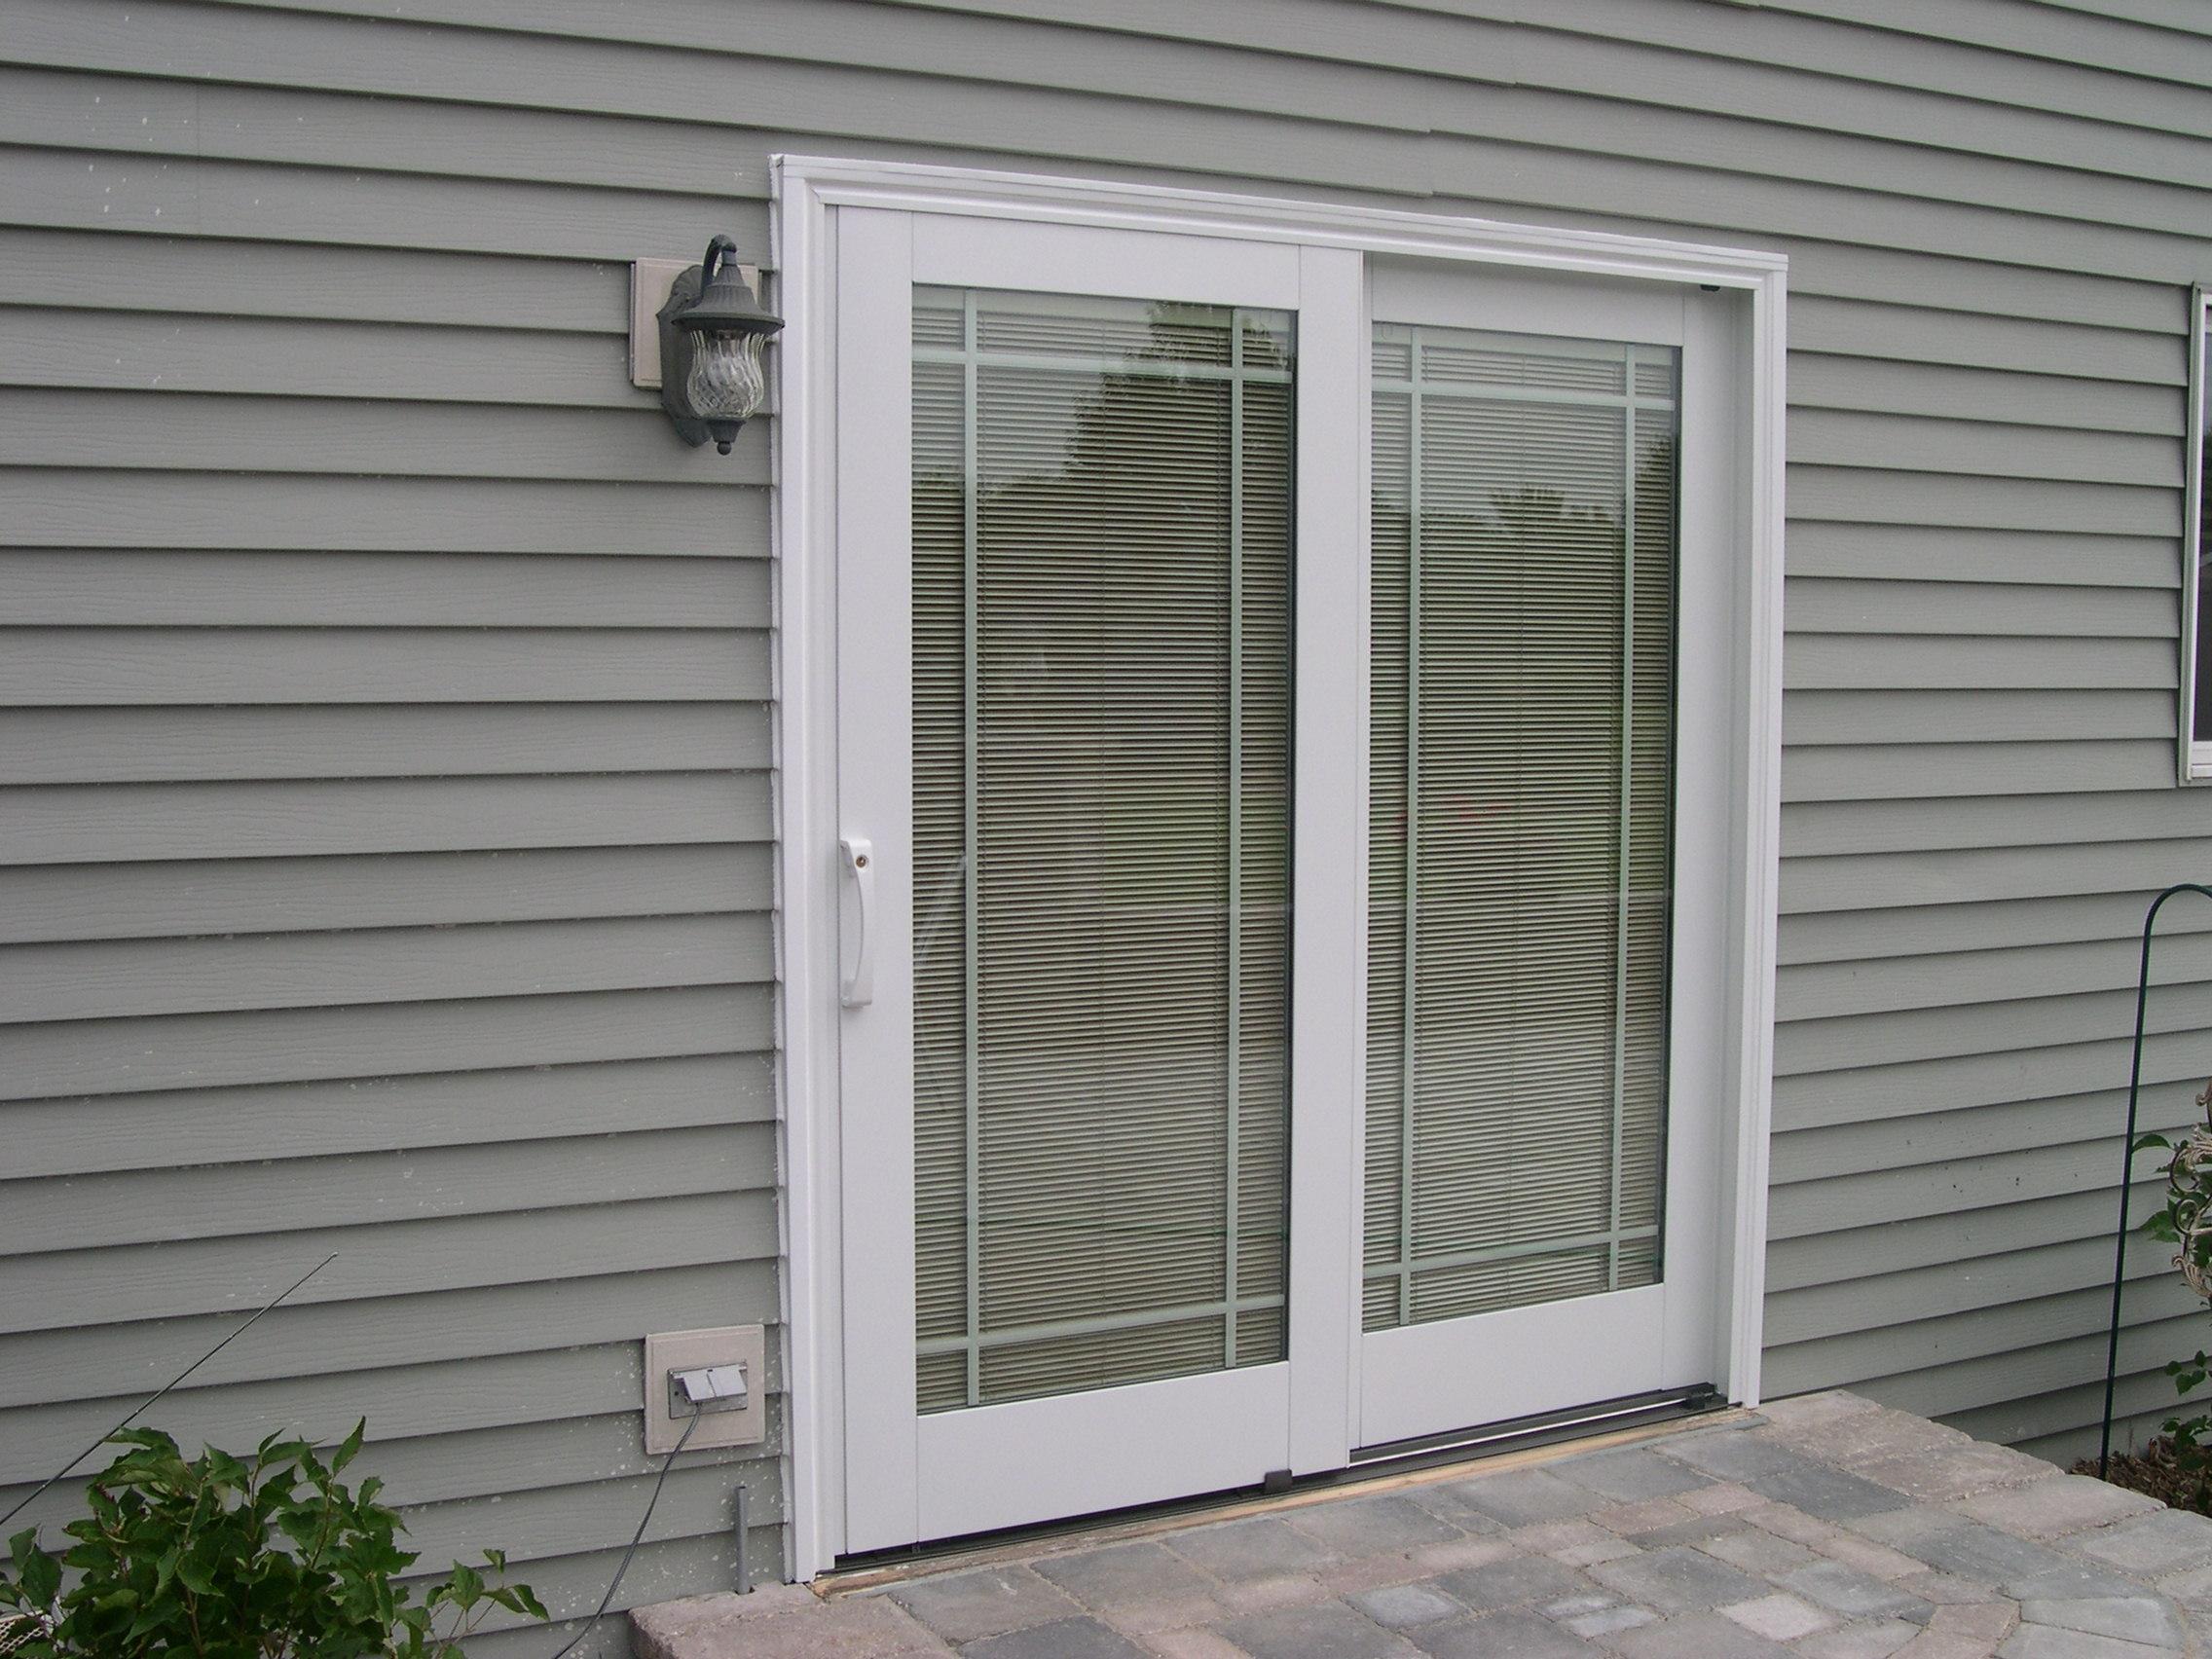 Wood Sliding Door With Blinds Between Glass